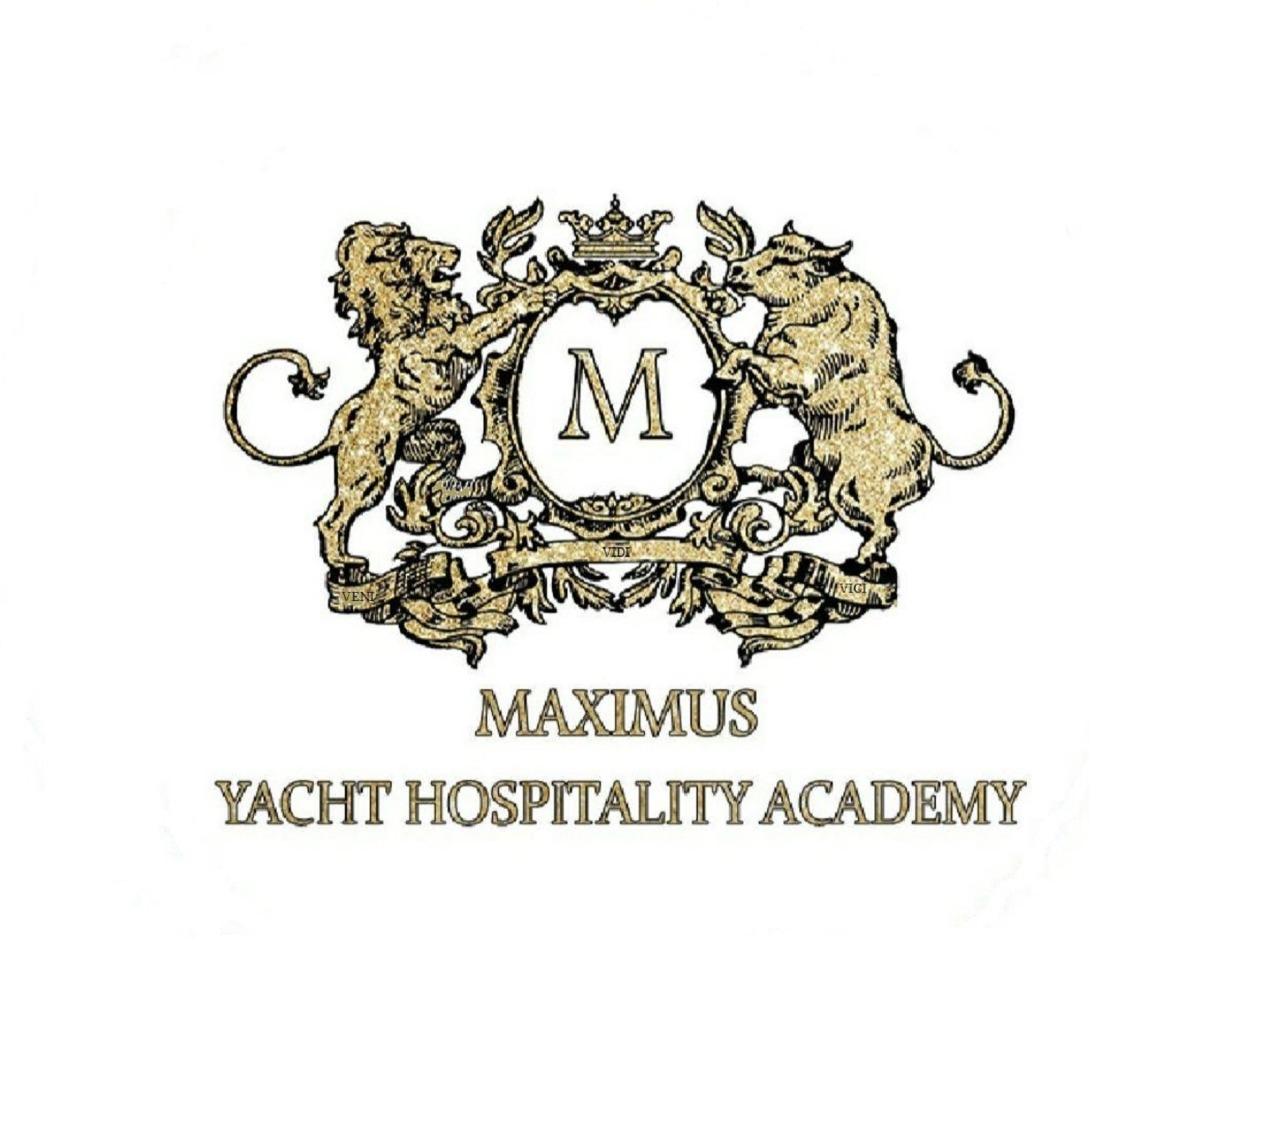 Maximus Yacht Hospitality Academy